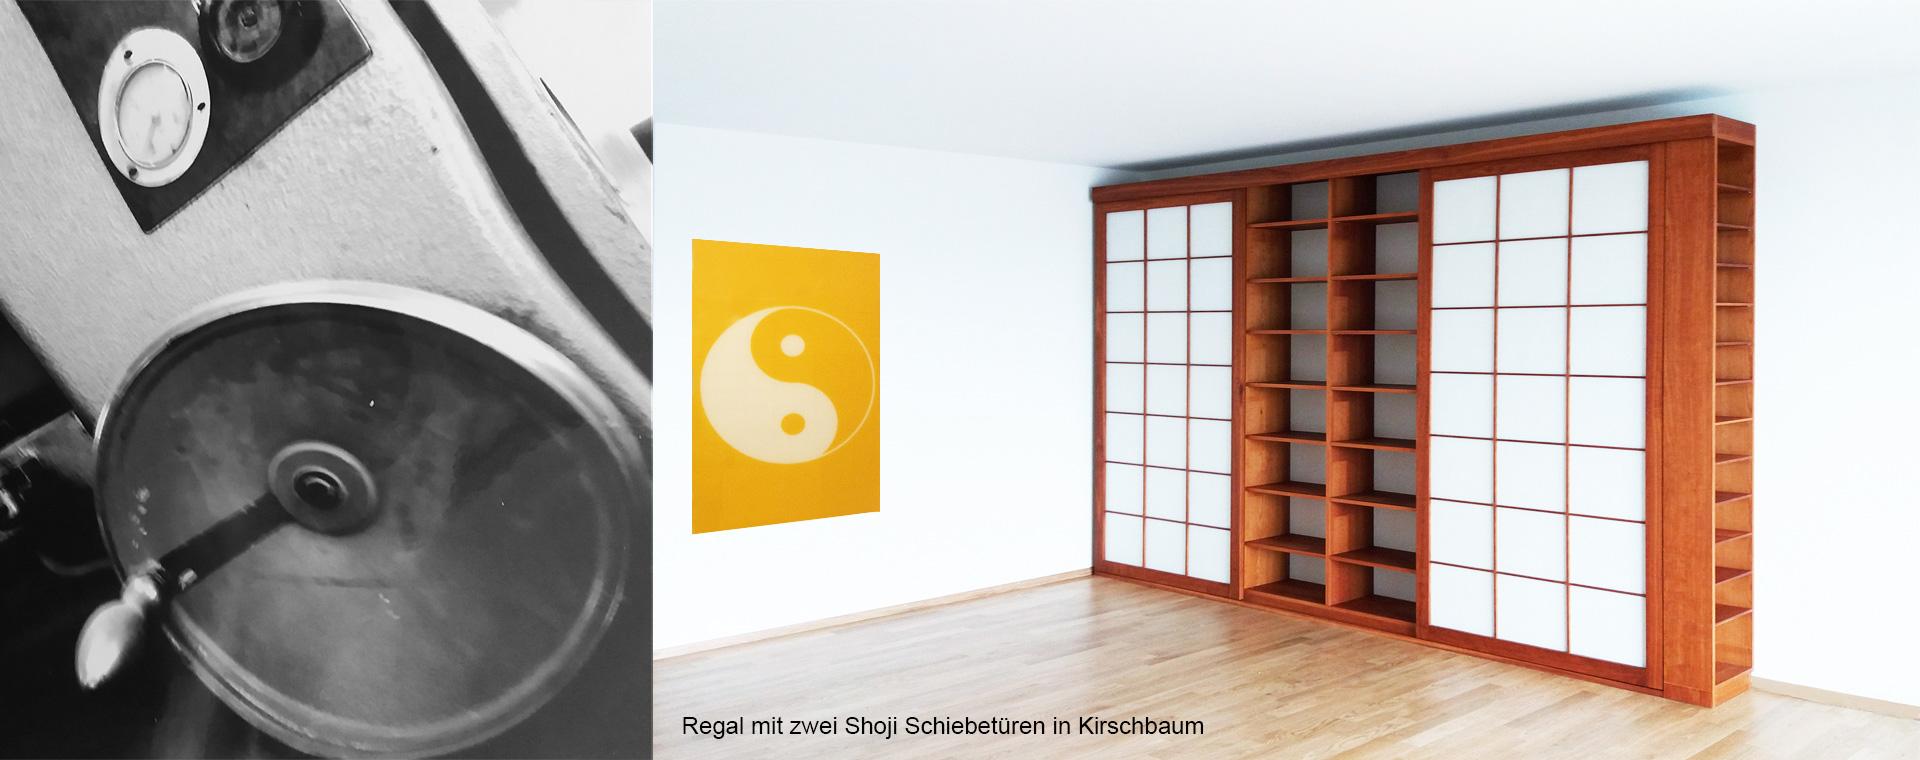 Regal mit zwei Shoji Schiebetüren in Kirschbaum